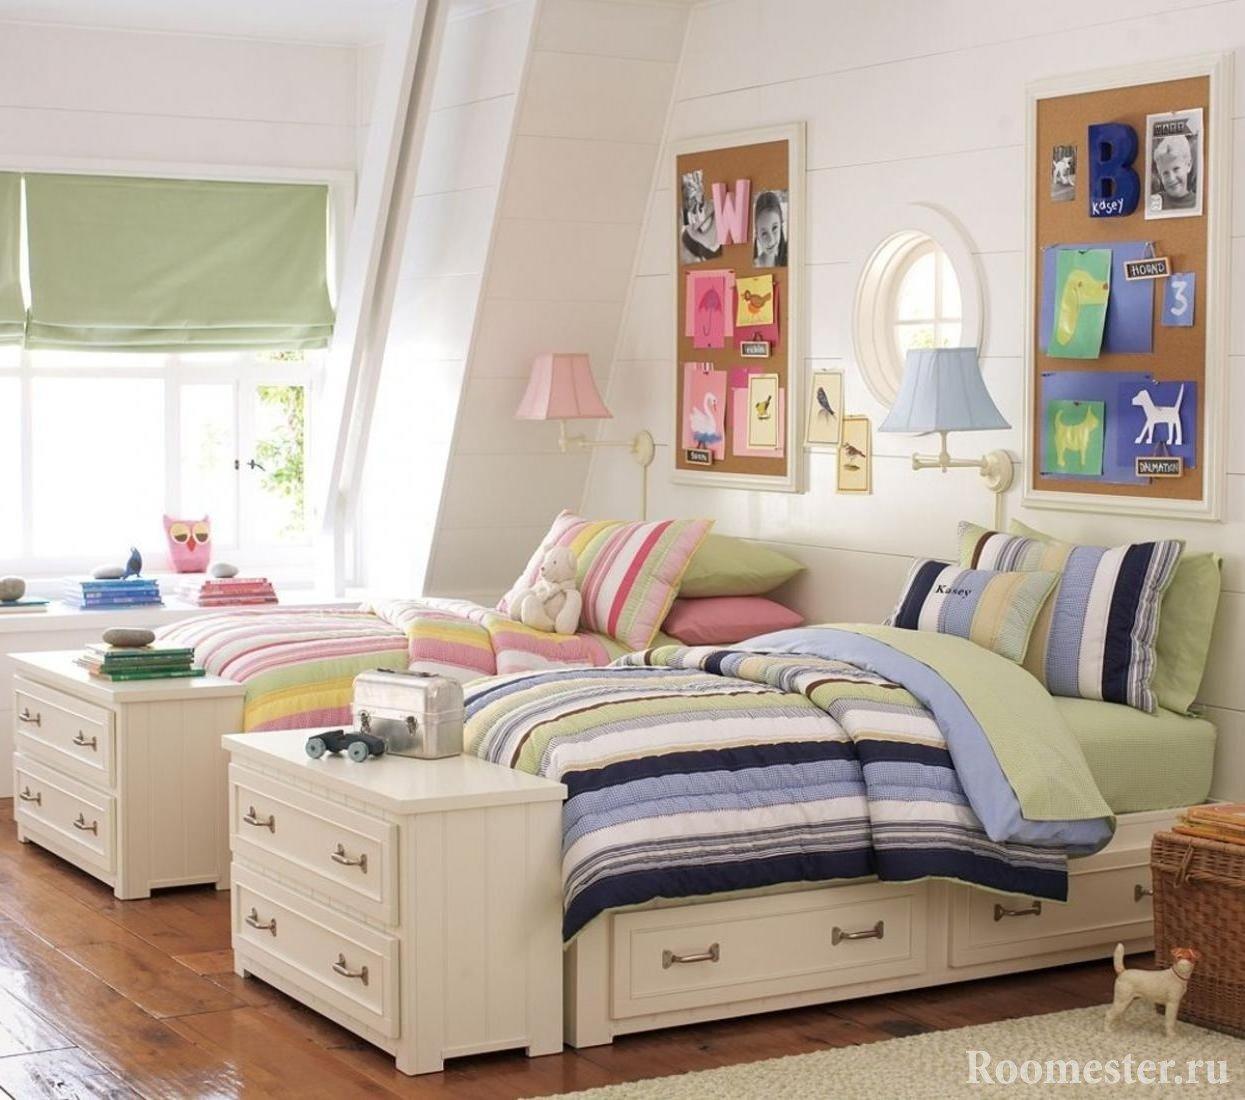 Интерьер детской комнаты для двоих детей фото девочки